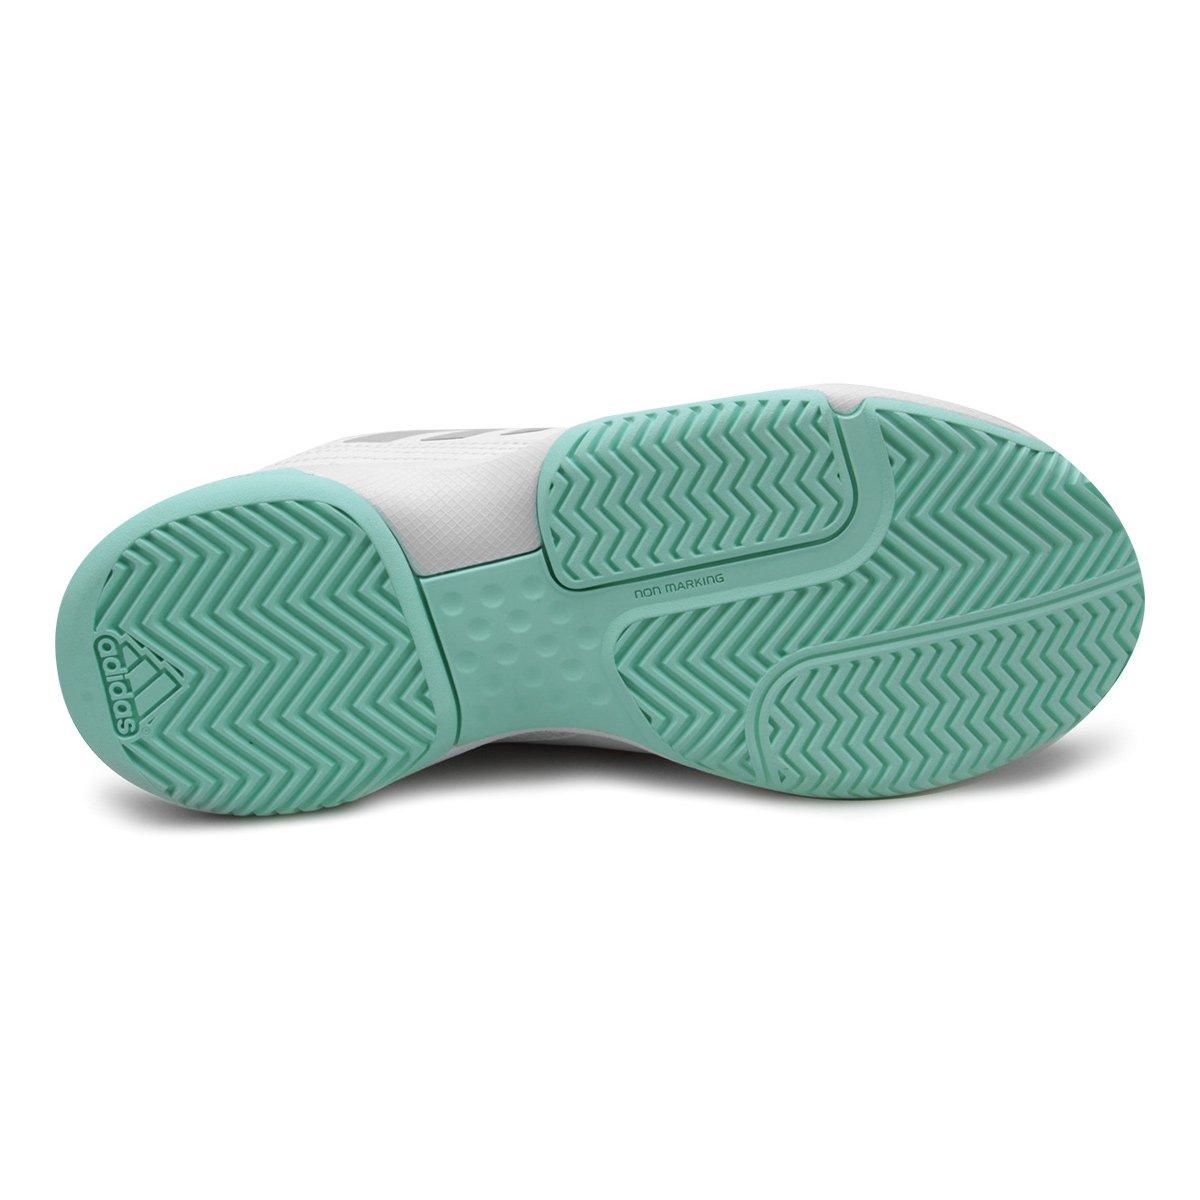 e Adidas Tênis Feminino Branco Cinza Tênis Adidas Aspire 6rEYr